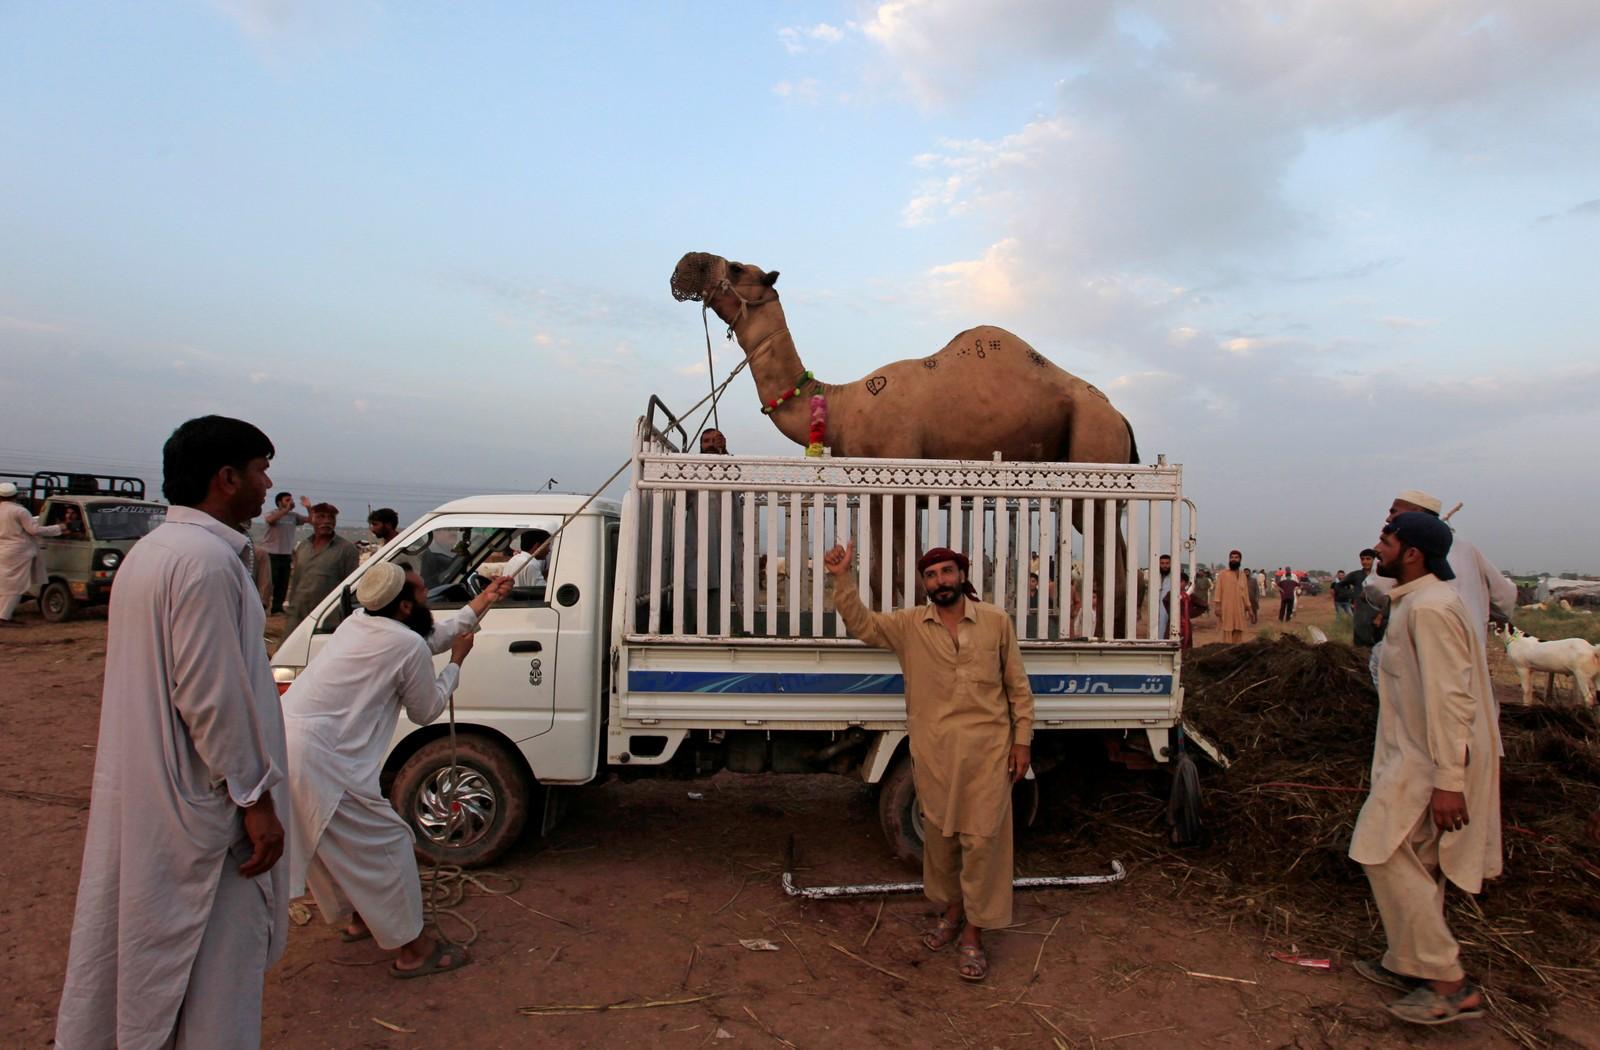 En kamel er kjøpt ved dyremarkedet i Islamabad i Pakistan i forbindelse med eid.